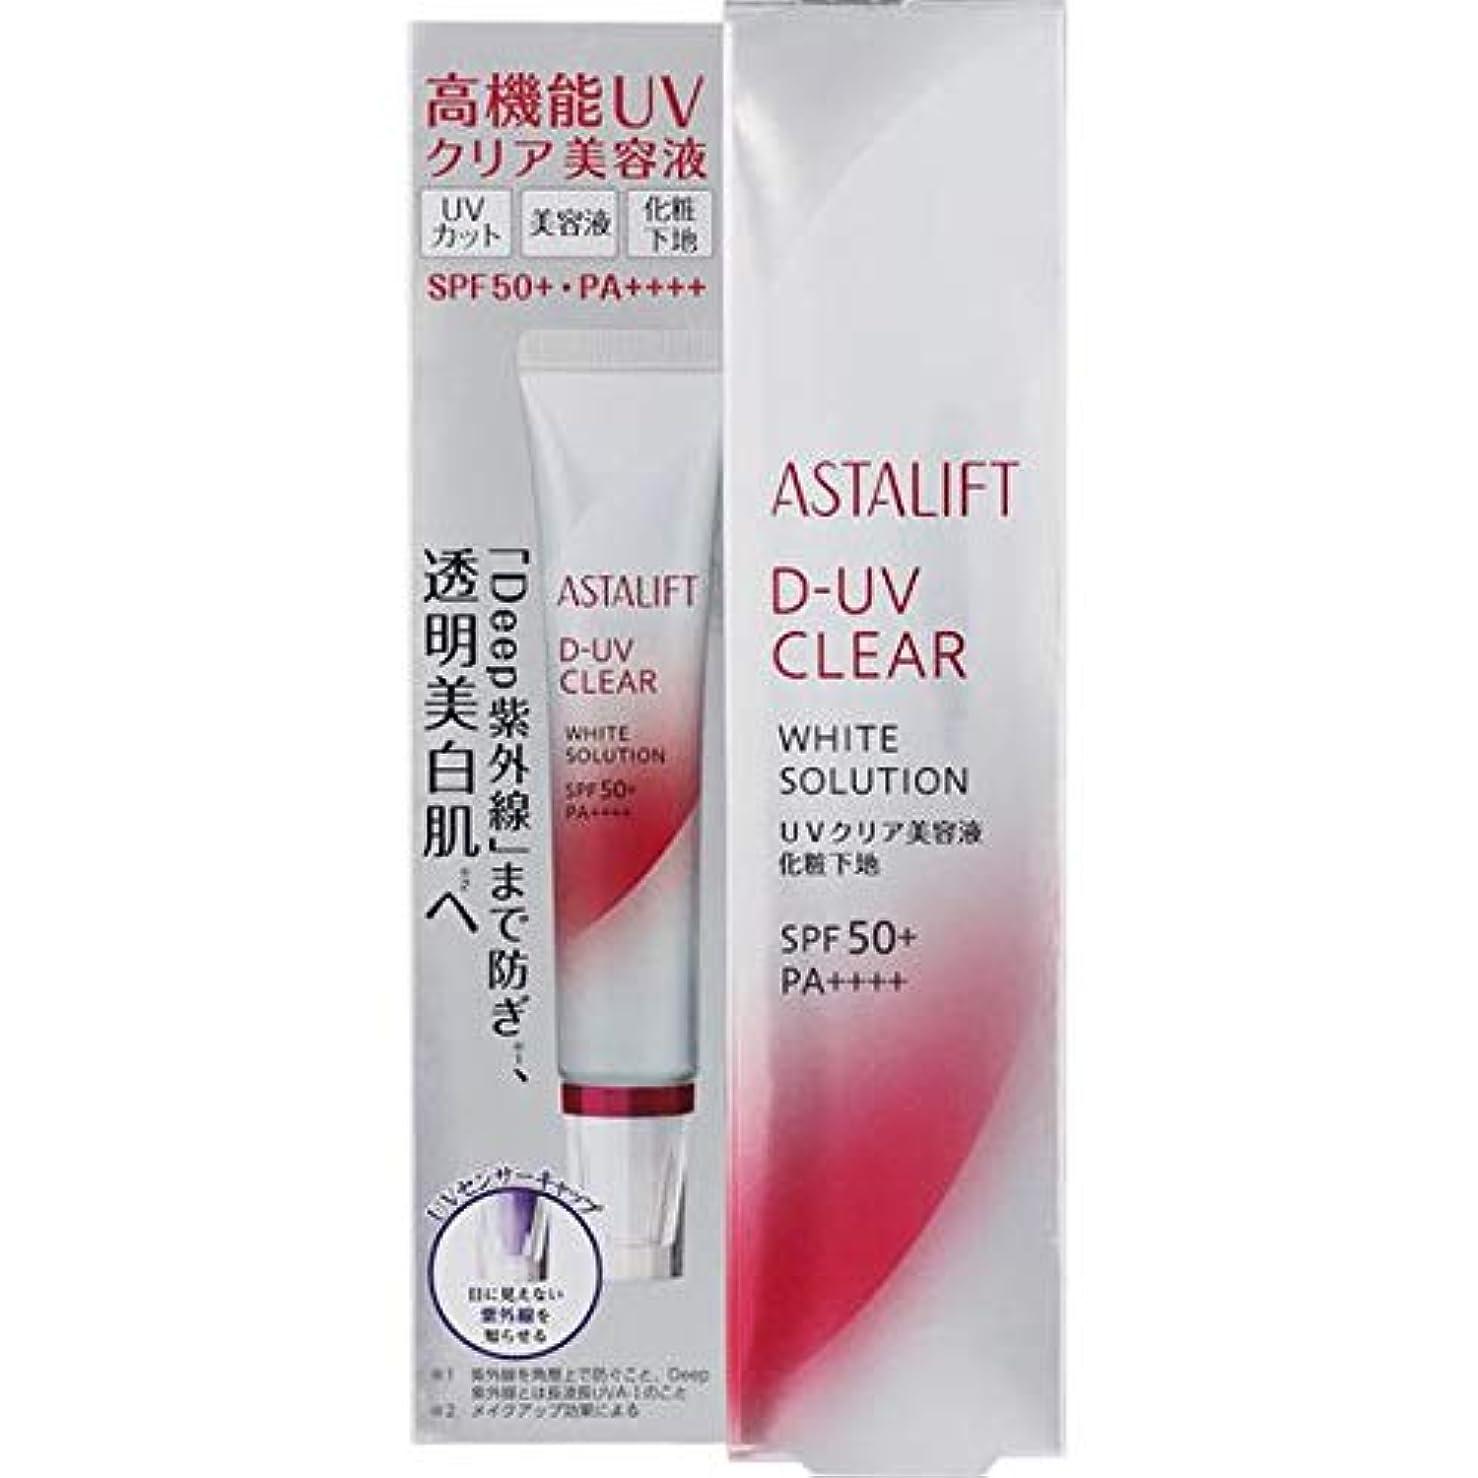 アスタリフト D-UVクリア ホワイトソリューション